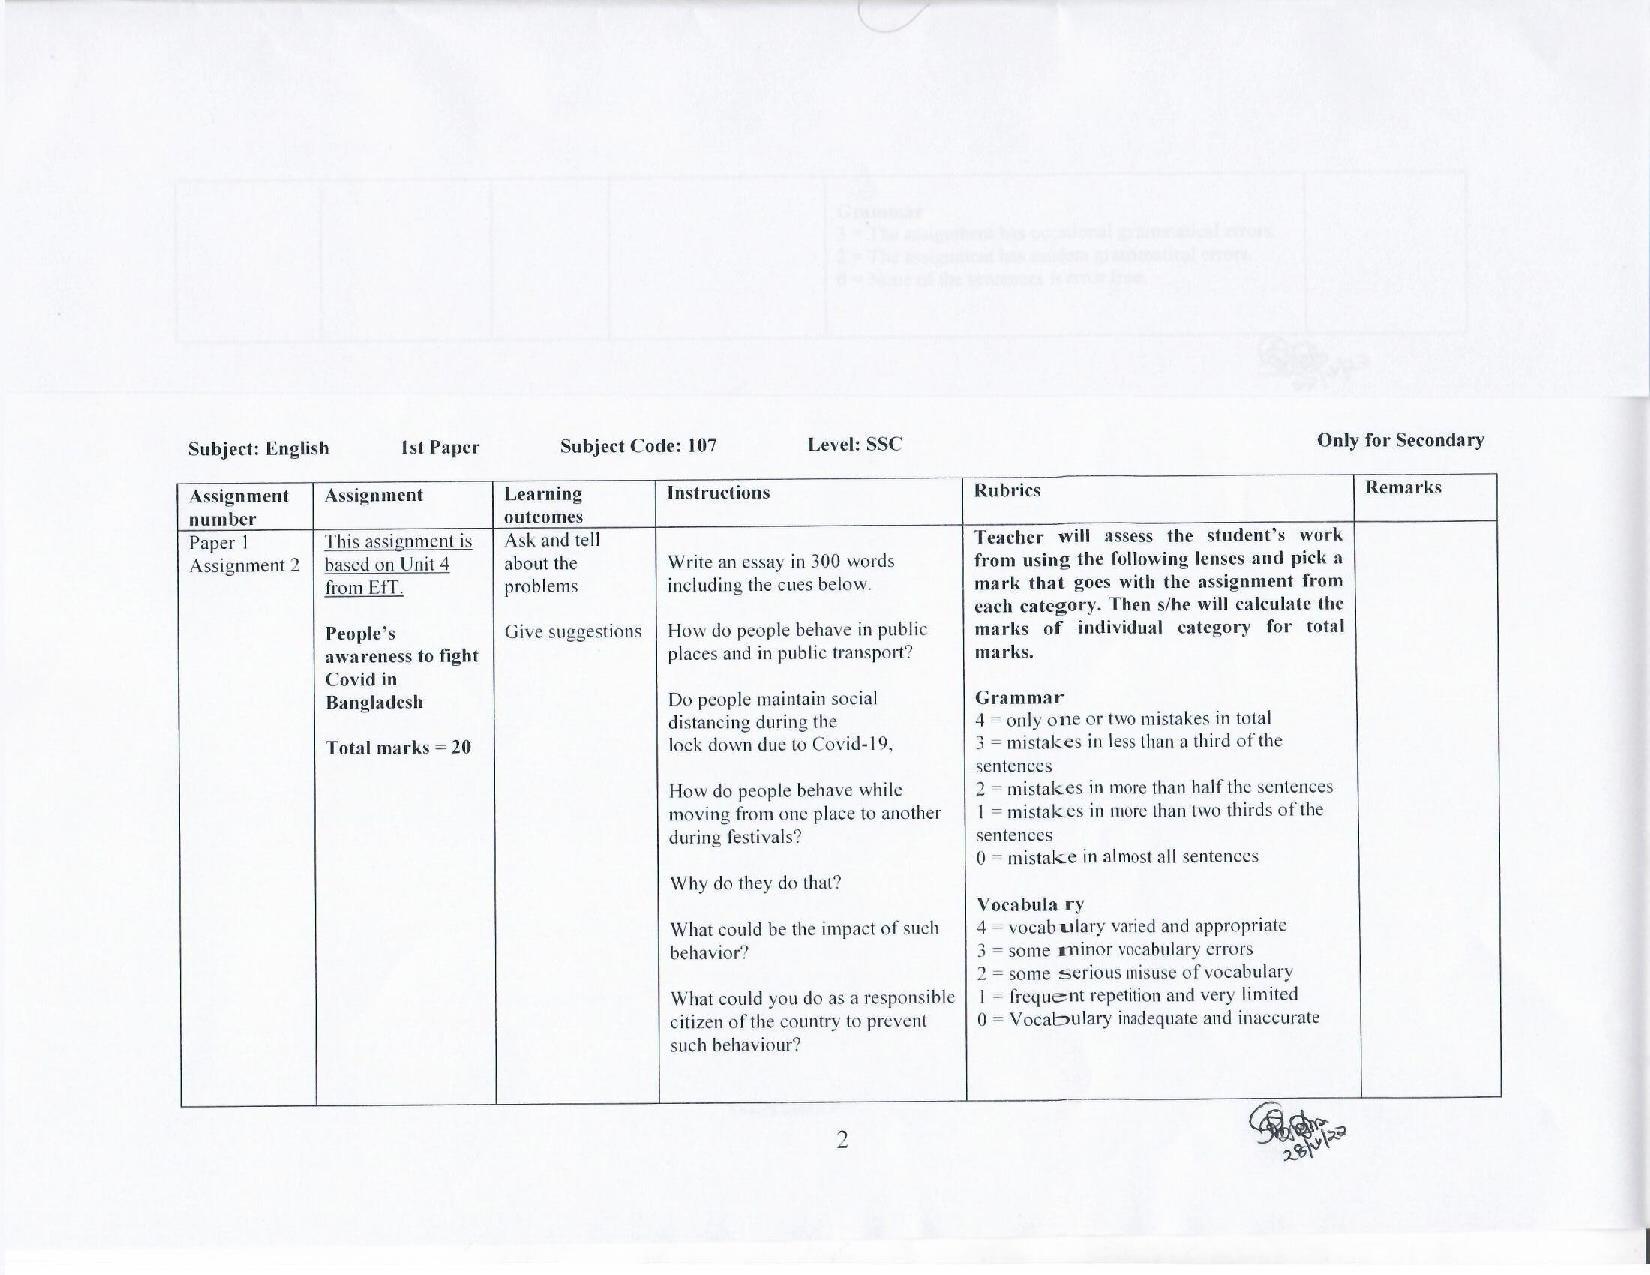 ২০২২ সালের দাখিল পরীক্ষার্থীদের জন্য ৪র্থ সপ্তাহের এ্যাসাইনমেন্ট প্রকাশ ২০২১ https://www.banglanewsexpress.com/